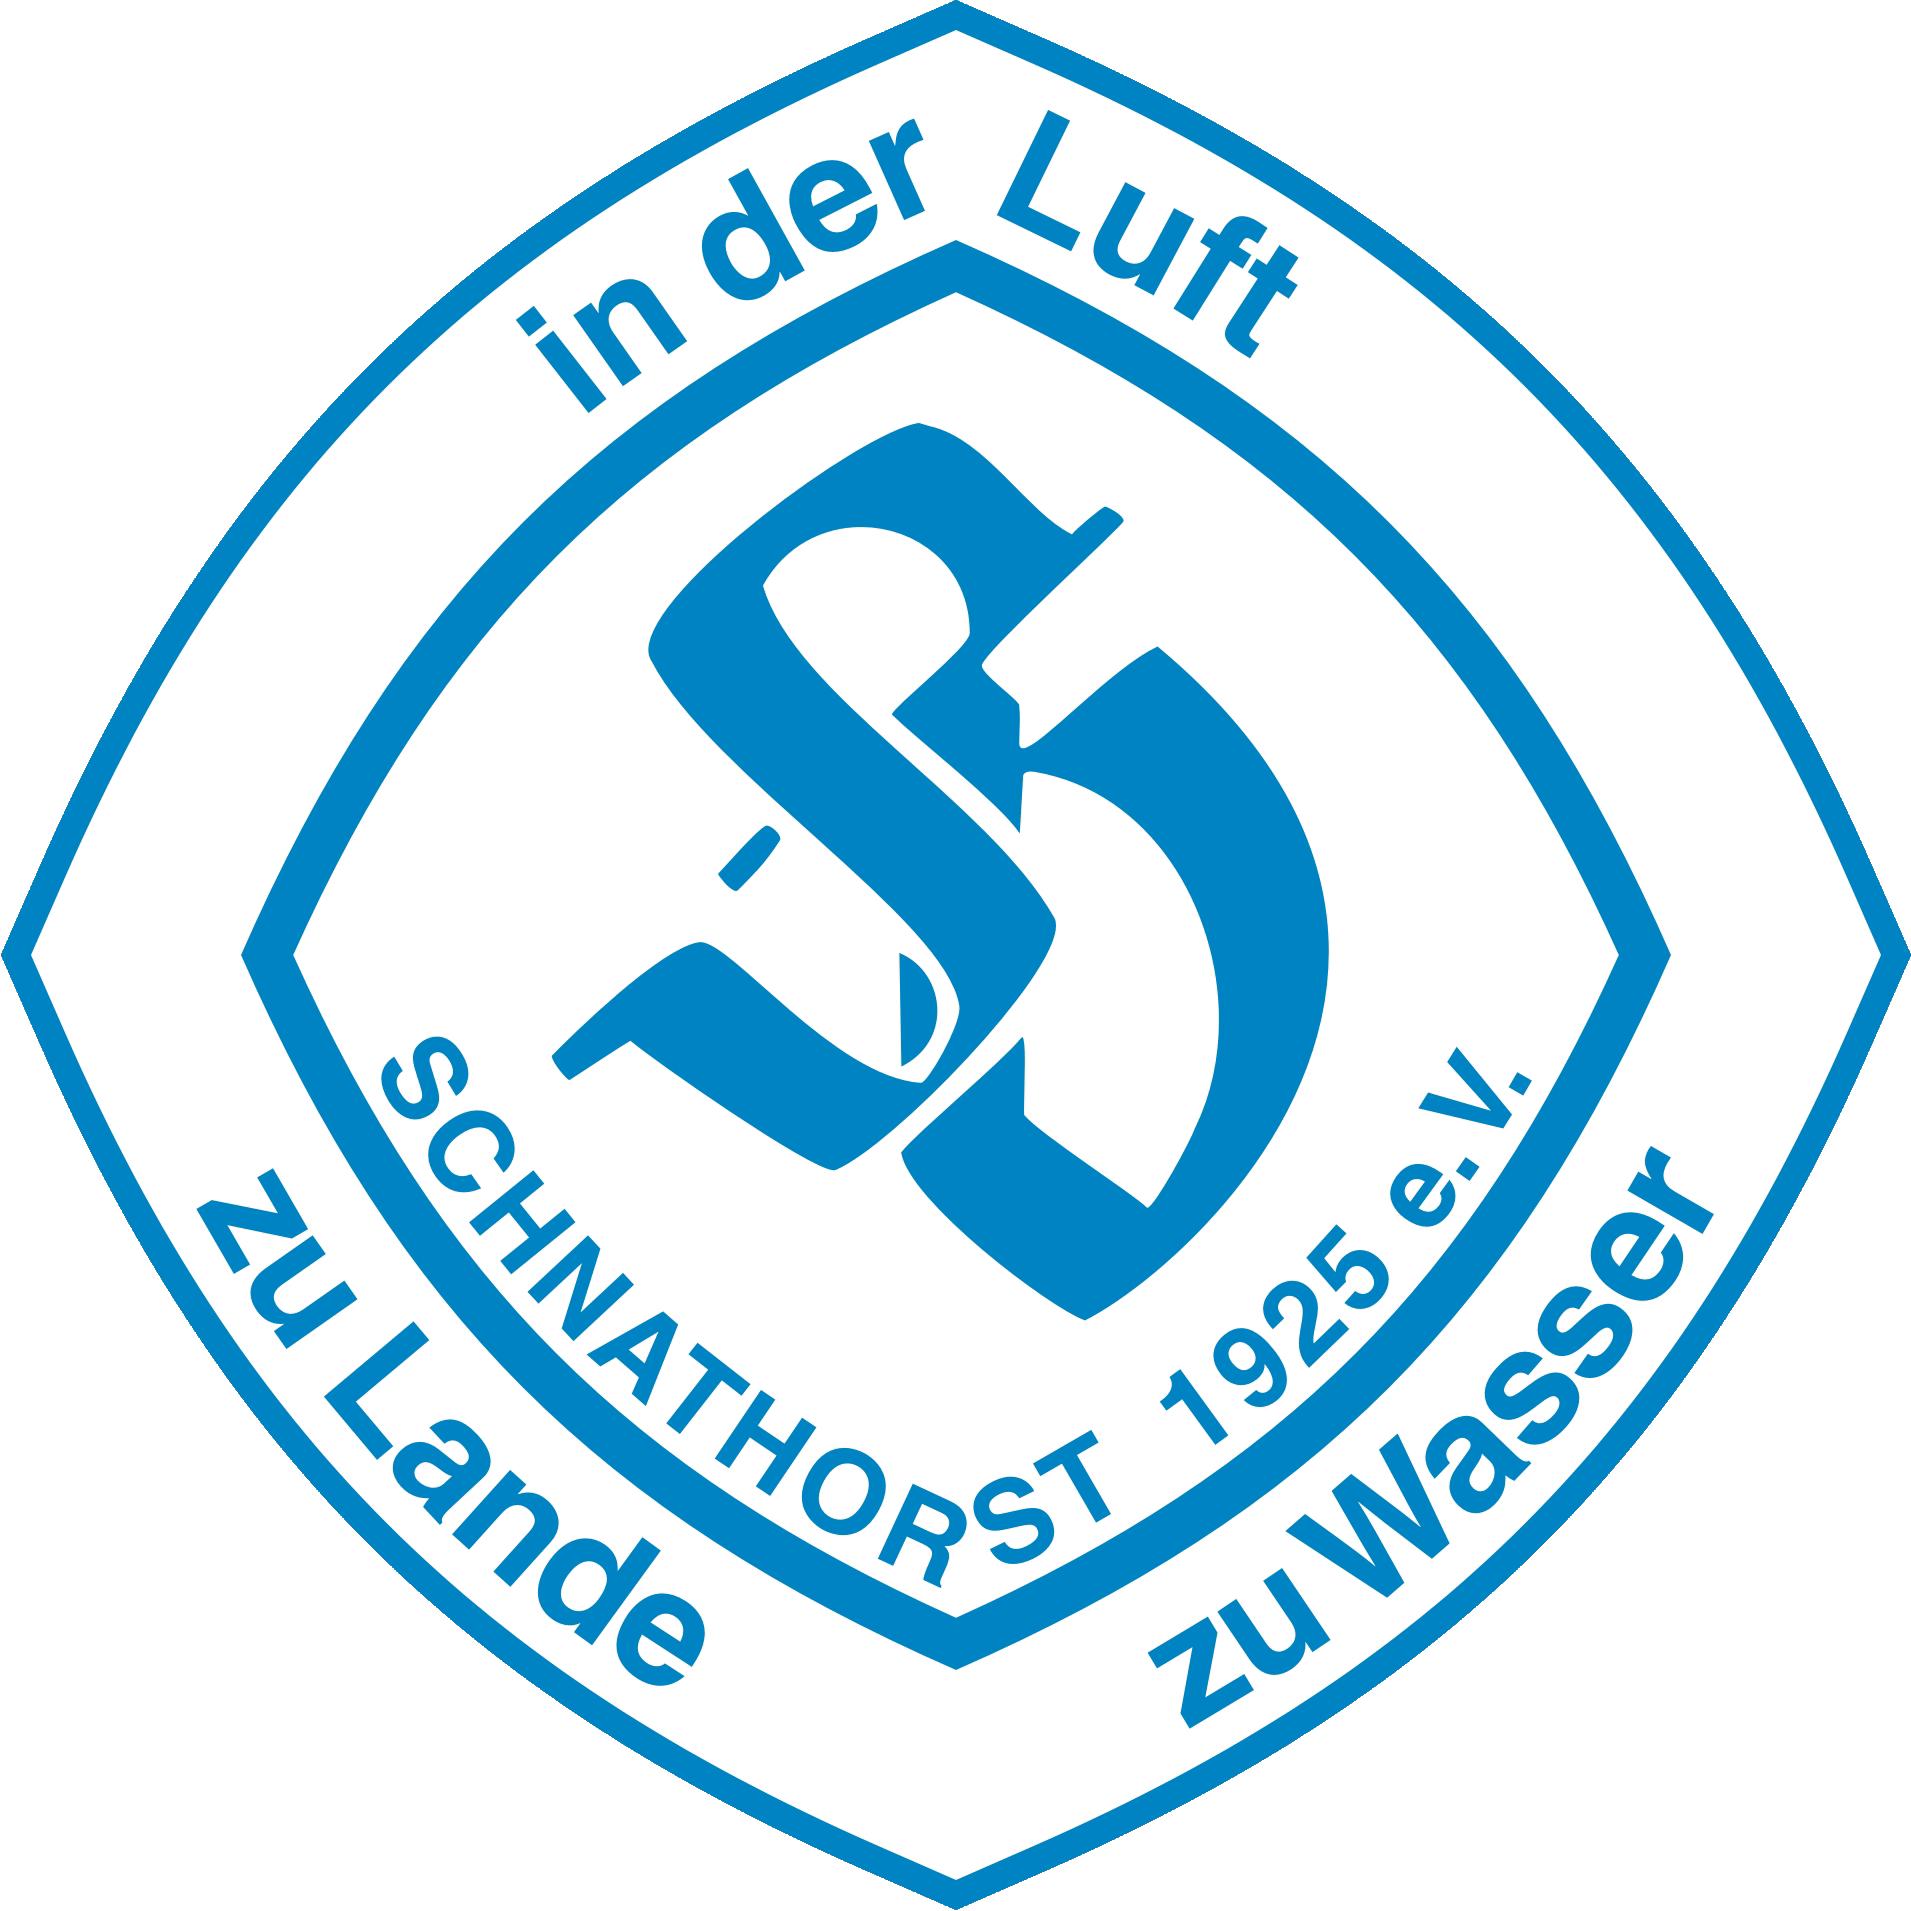 SV Schnathorst 1925 e. V.